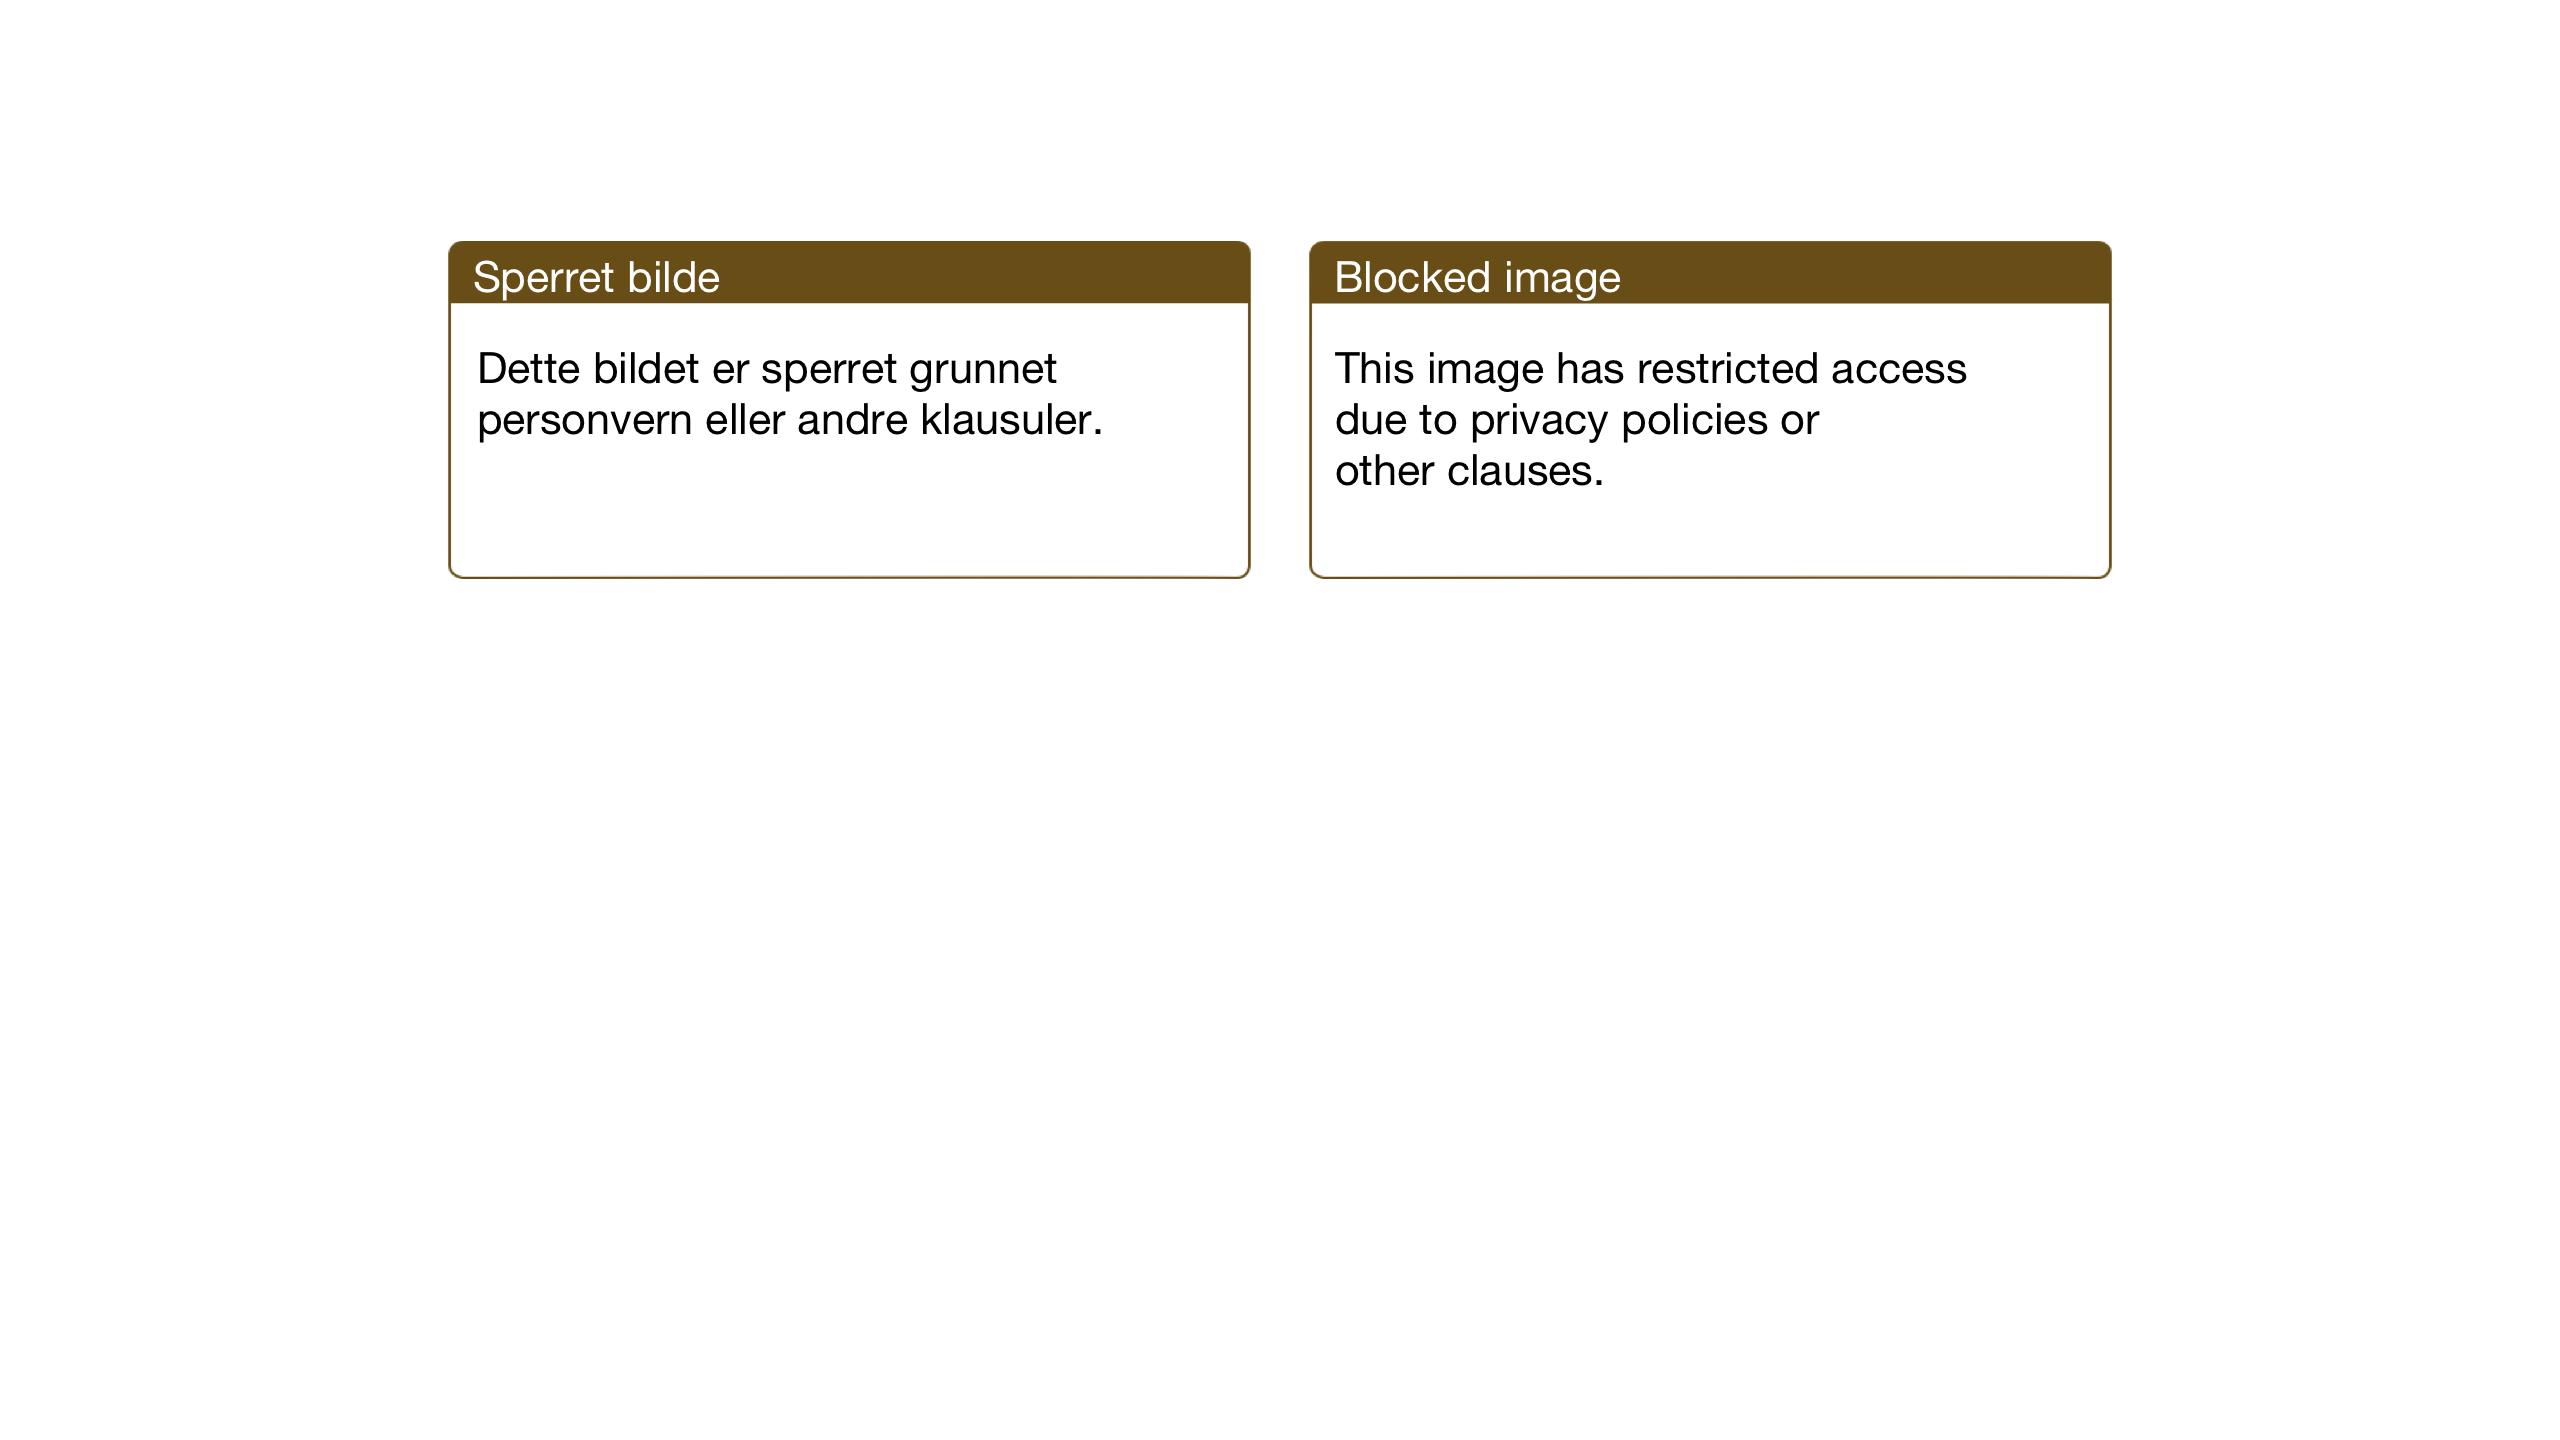 SAT, Ministerialprotokoller, klokkerbøker og fødselsregistre - Sør-Trøndelag, 618/L0454: Klokkerbok nr. 618C05, 1926-1946, s. 24